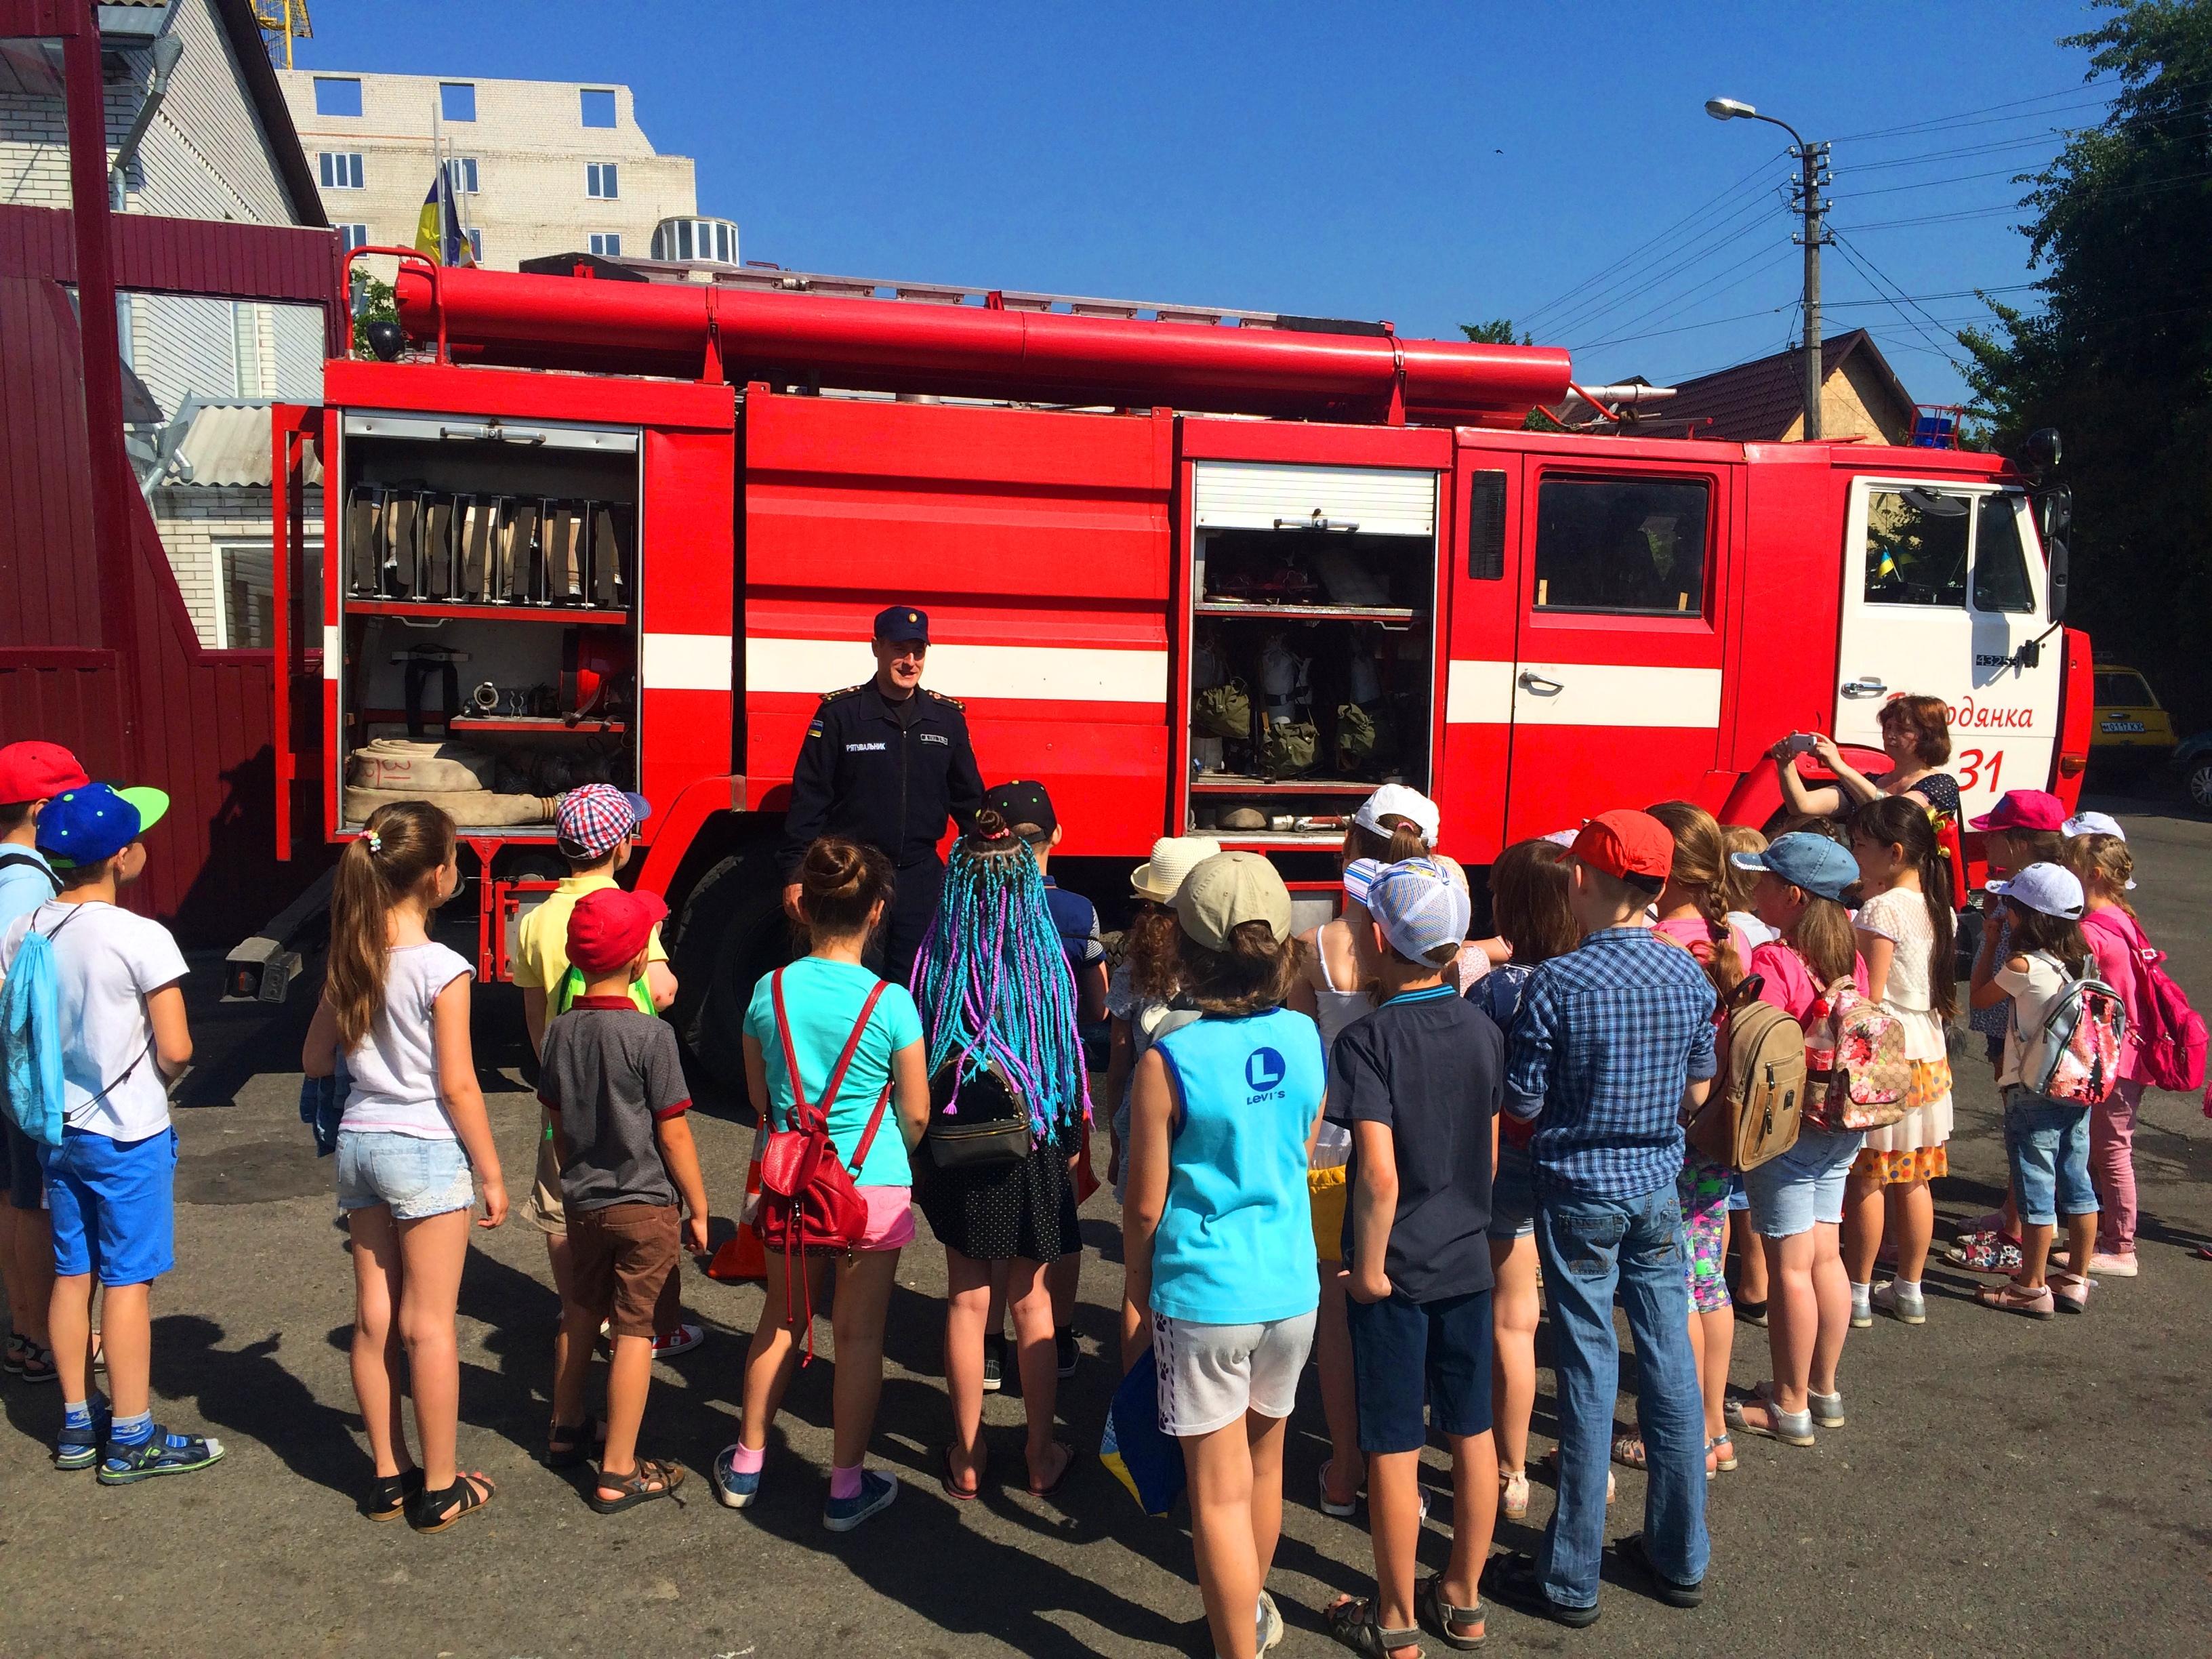 Бородянські рятувальники провели екскурсію пожежною частиною для школярів - школа, рятувальники, Діти, Бородянська РВ ГУ ДСНС - 2905 pozhezhnyky 1